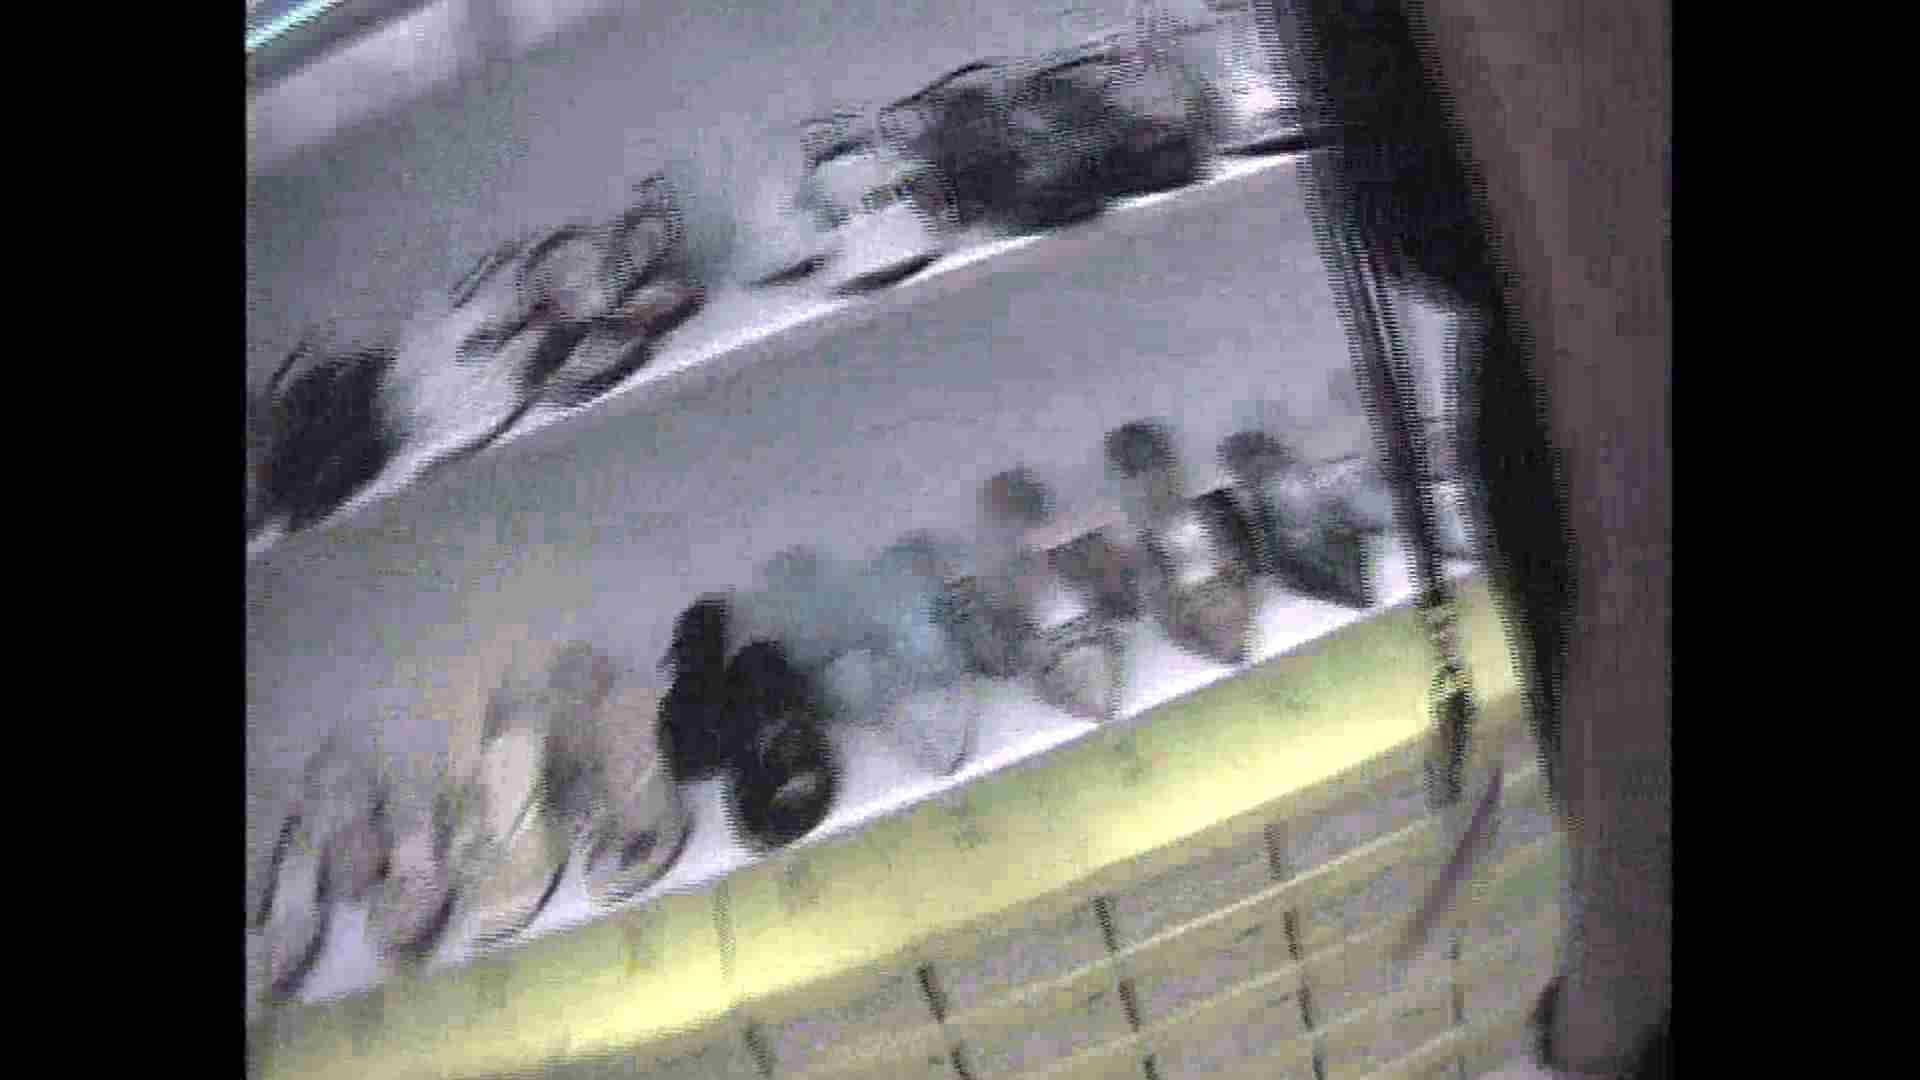 働く美女の谷間参拝 Vol.13 美女丸裸 AV無料動画キャプチャ 73pic 17